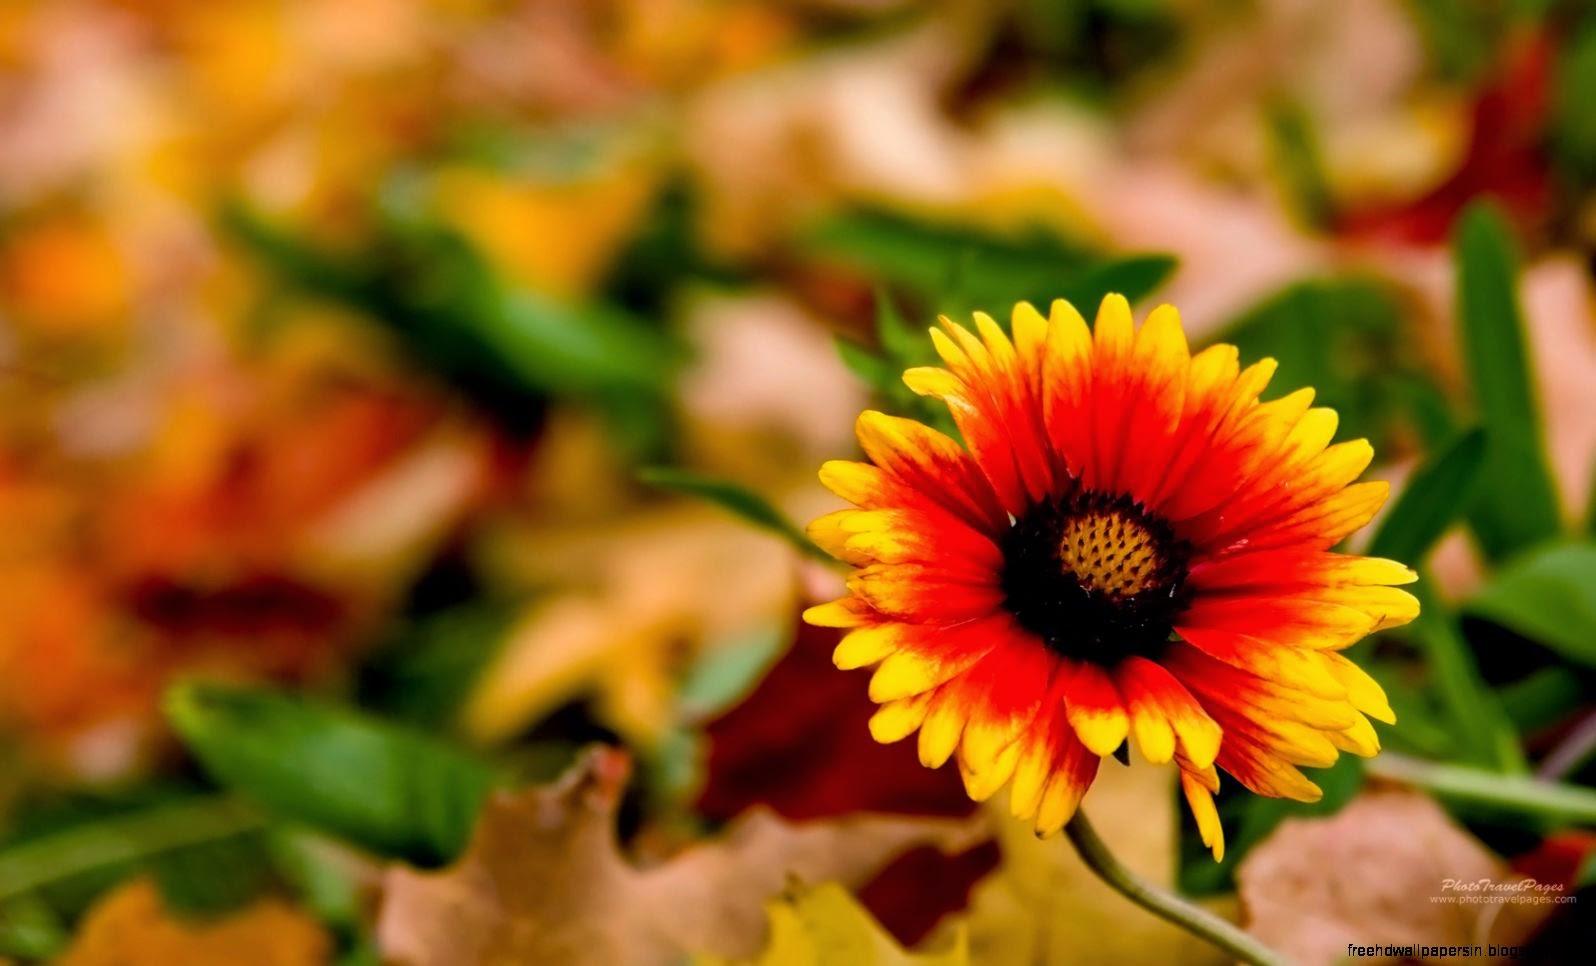 Fall Flower Desktop Wallpaper | Free HD Wallpapers